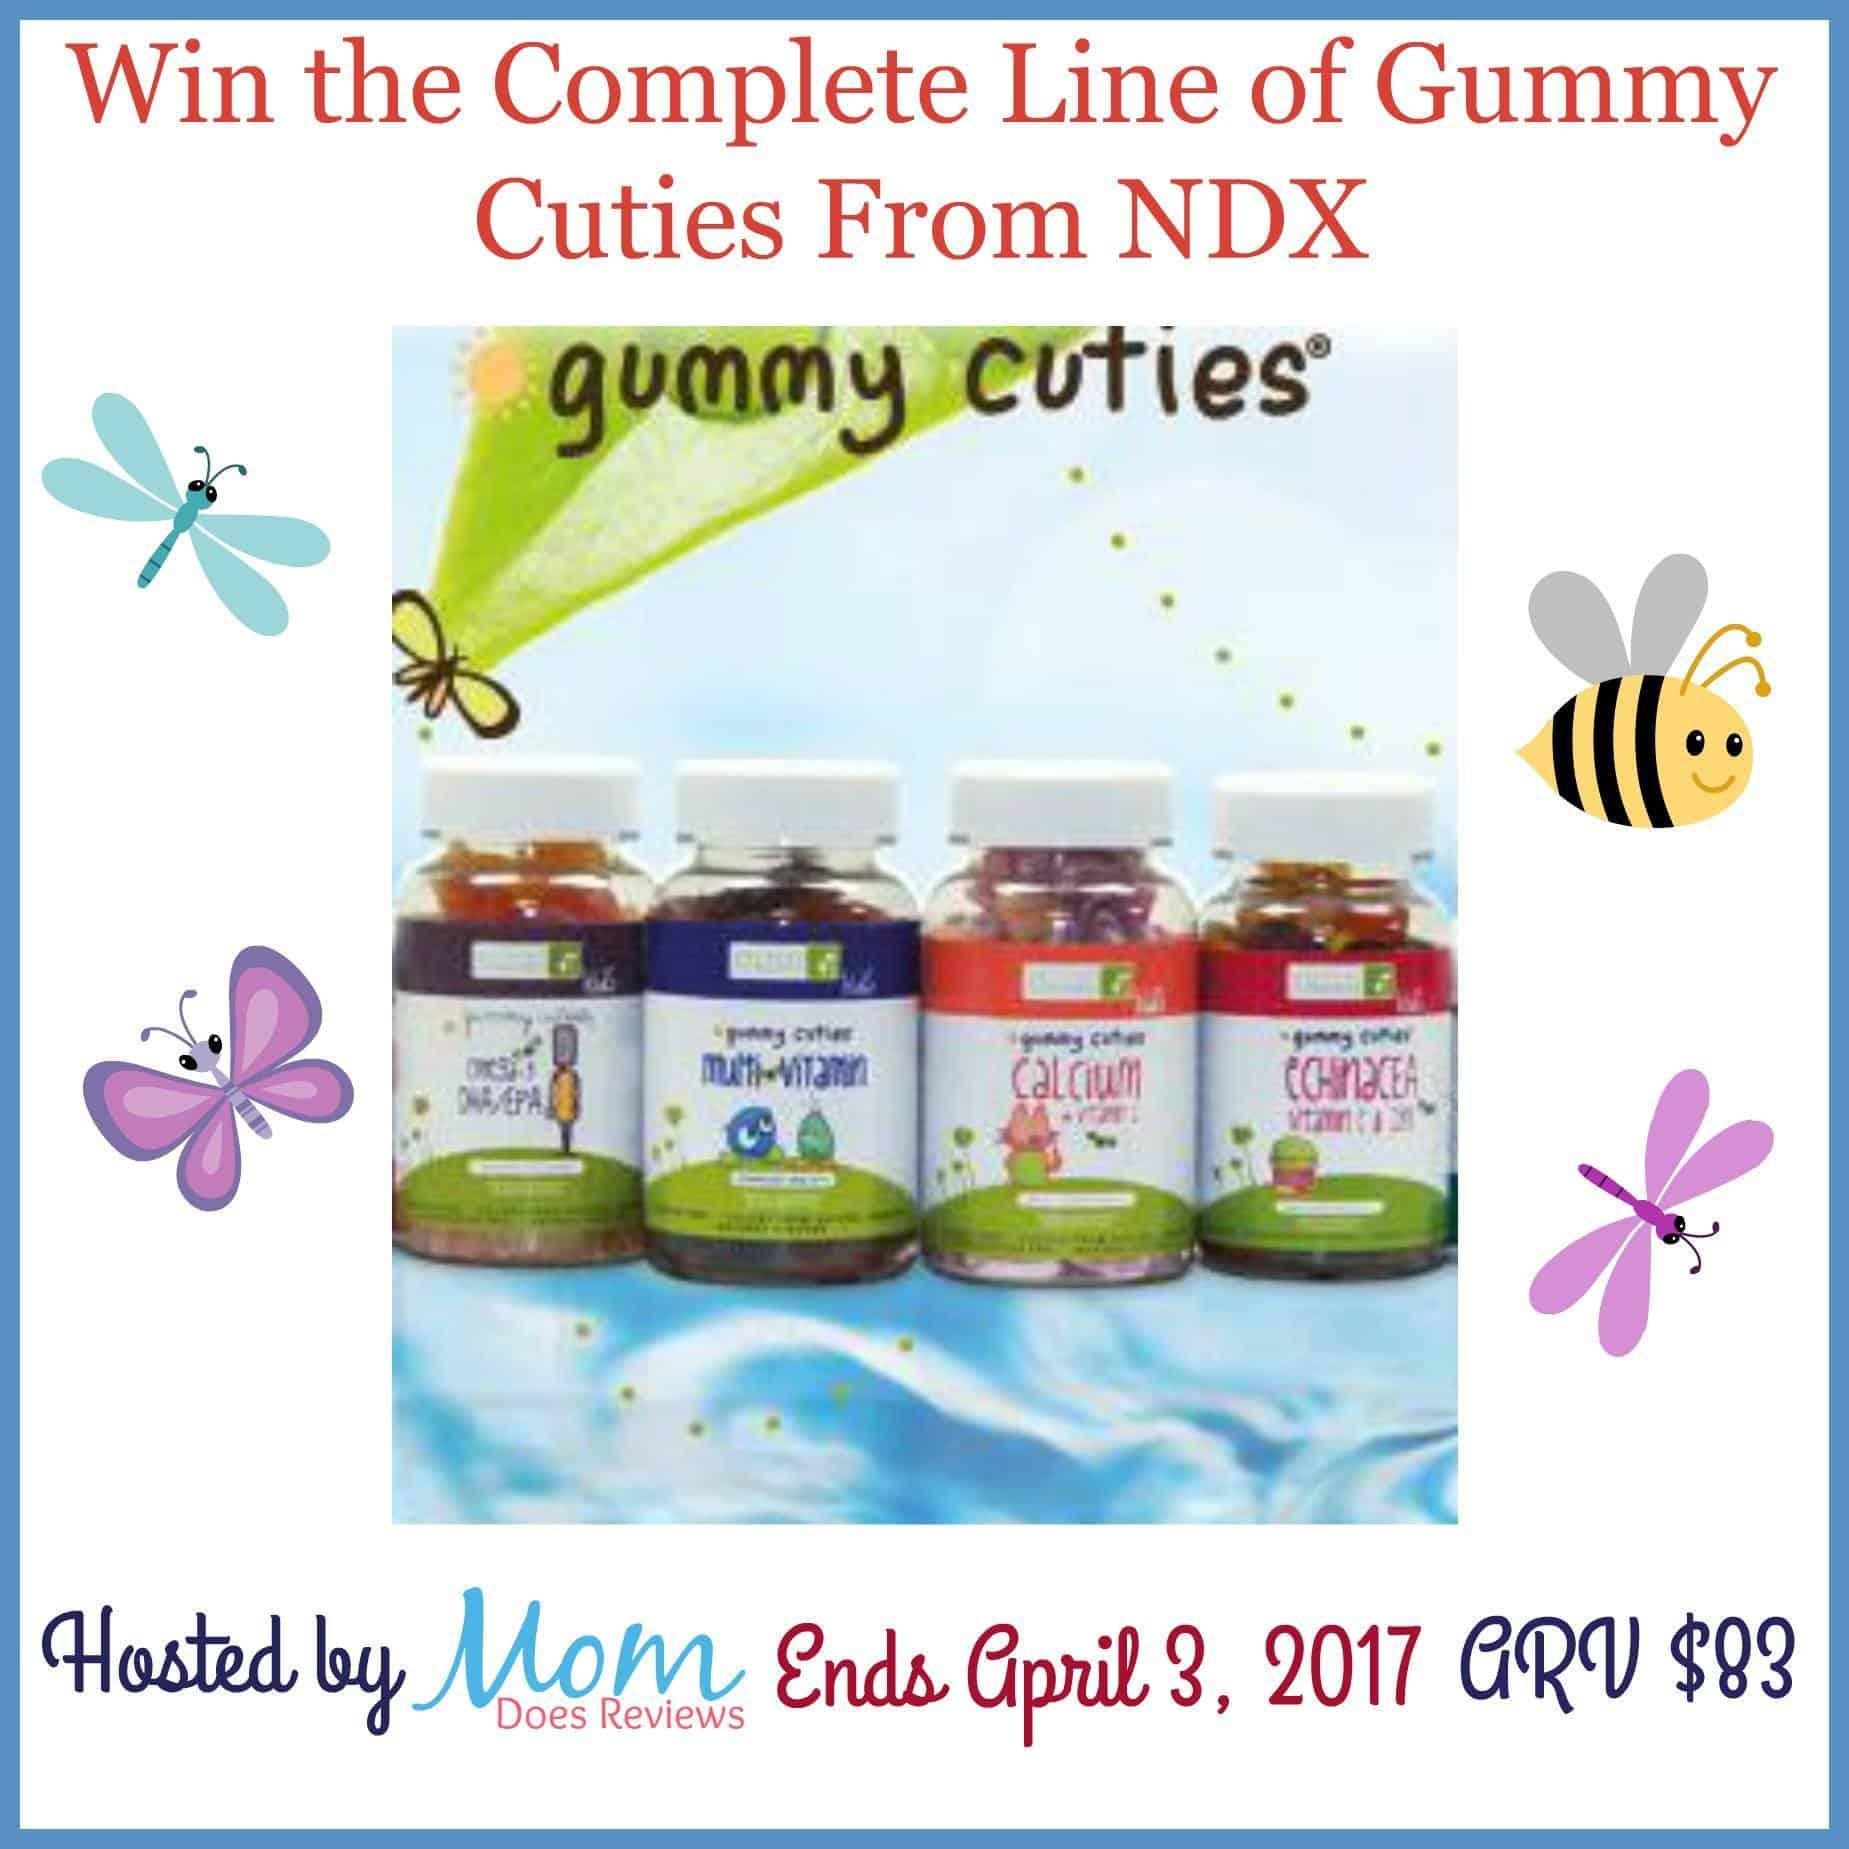 Gummy Cutie vitamins